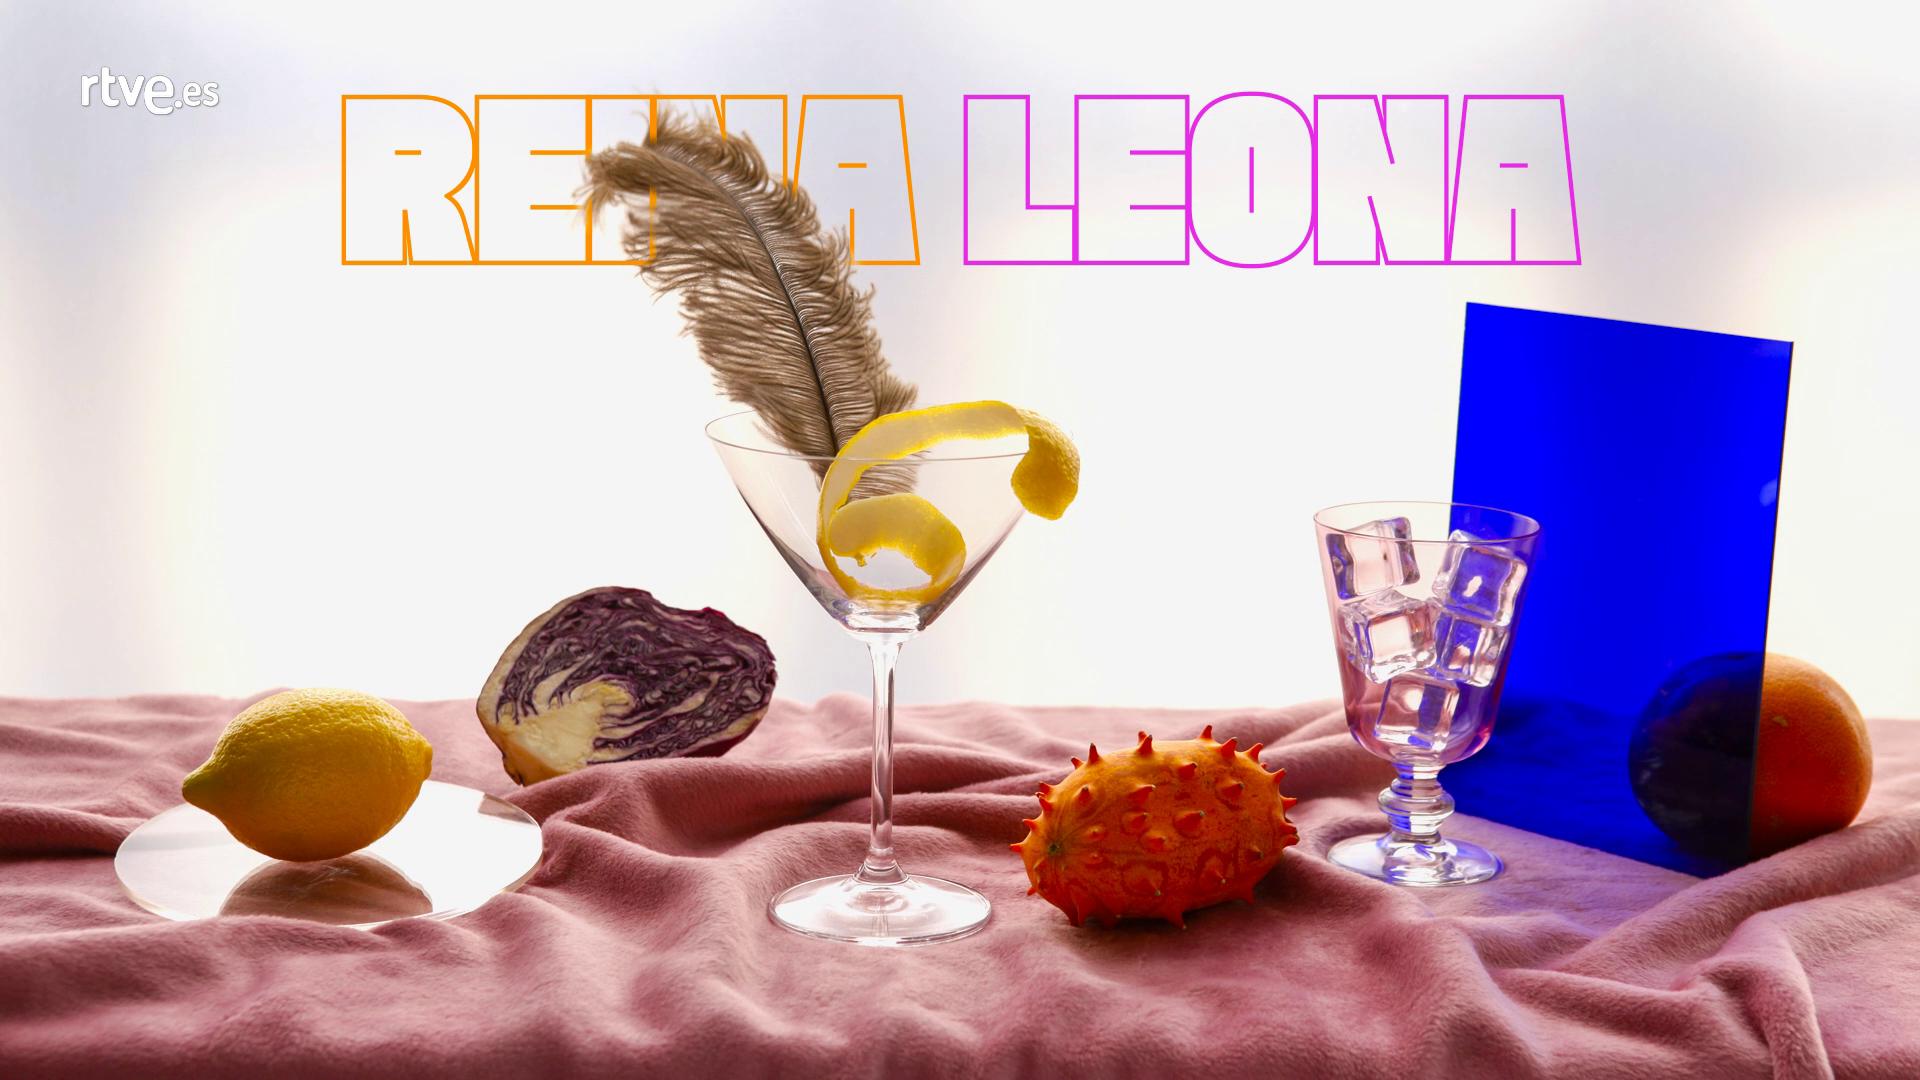 Kou Keri Kou - Reina Leona